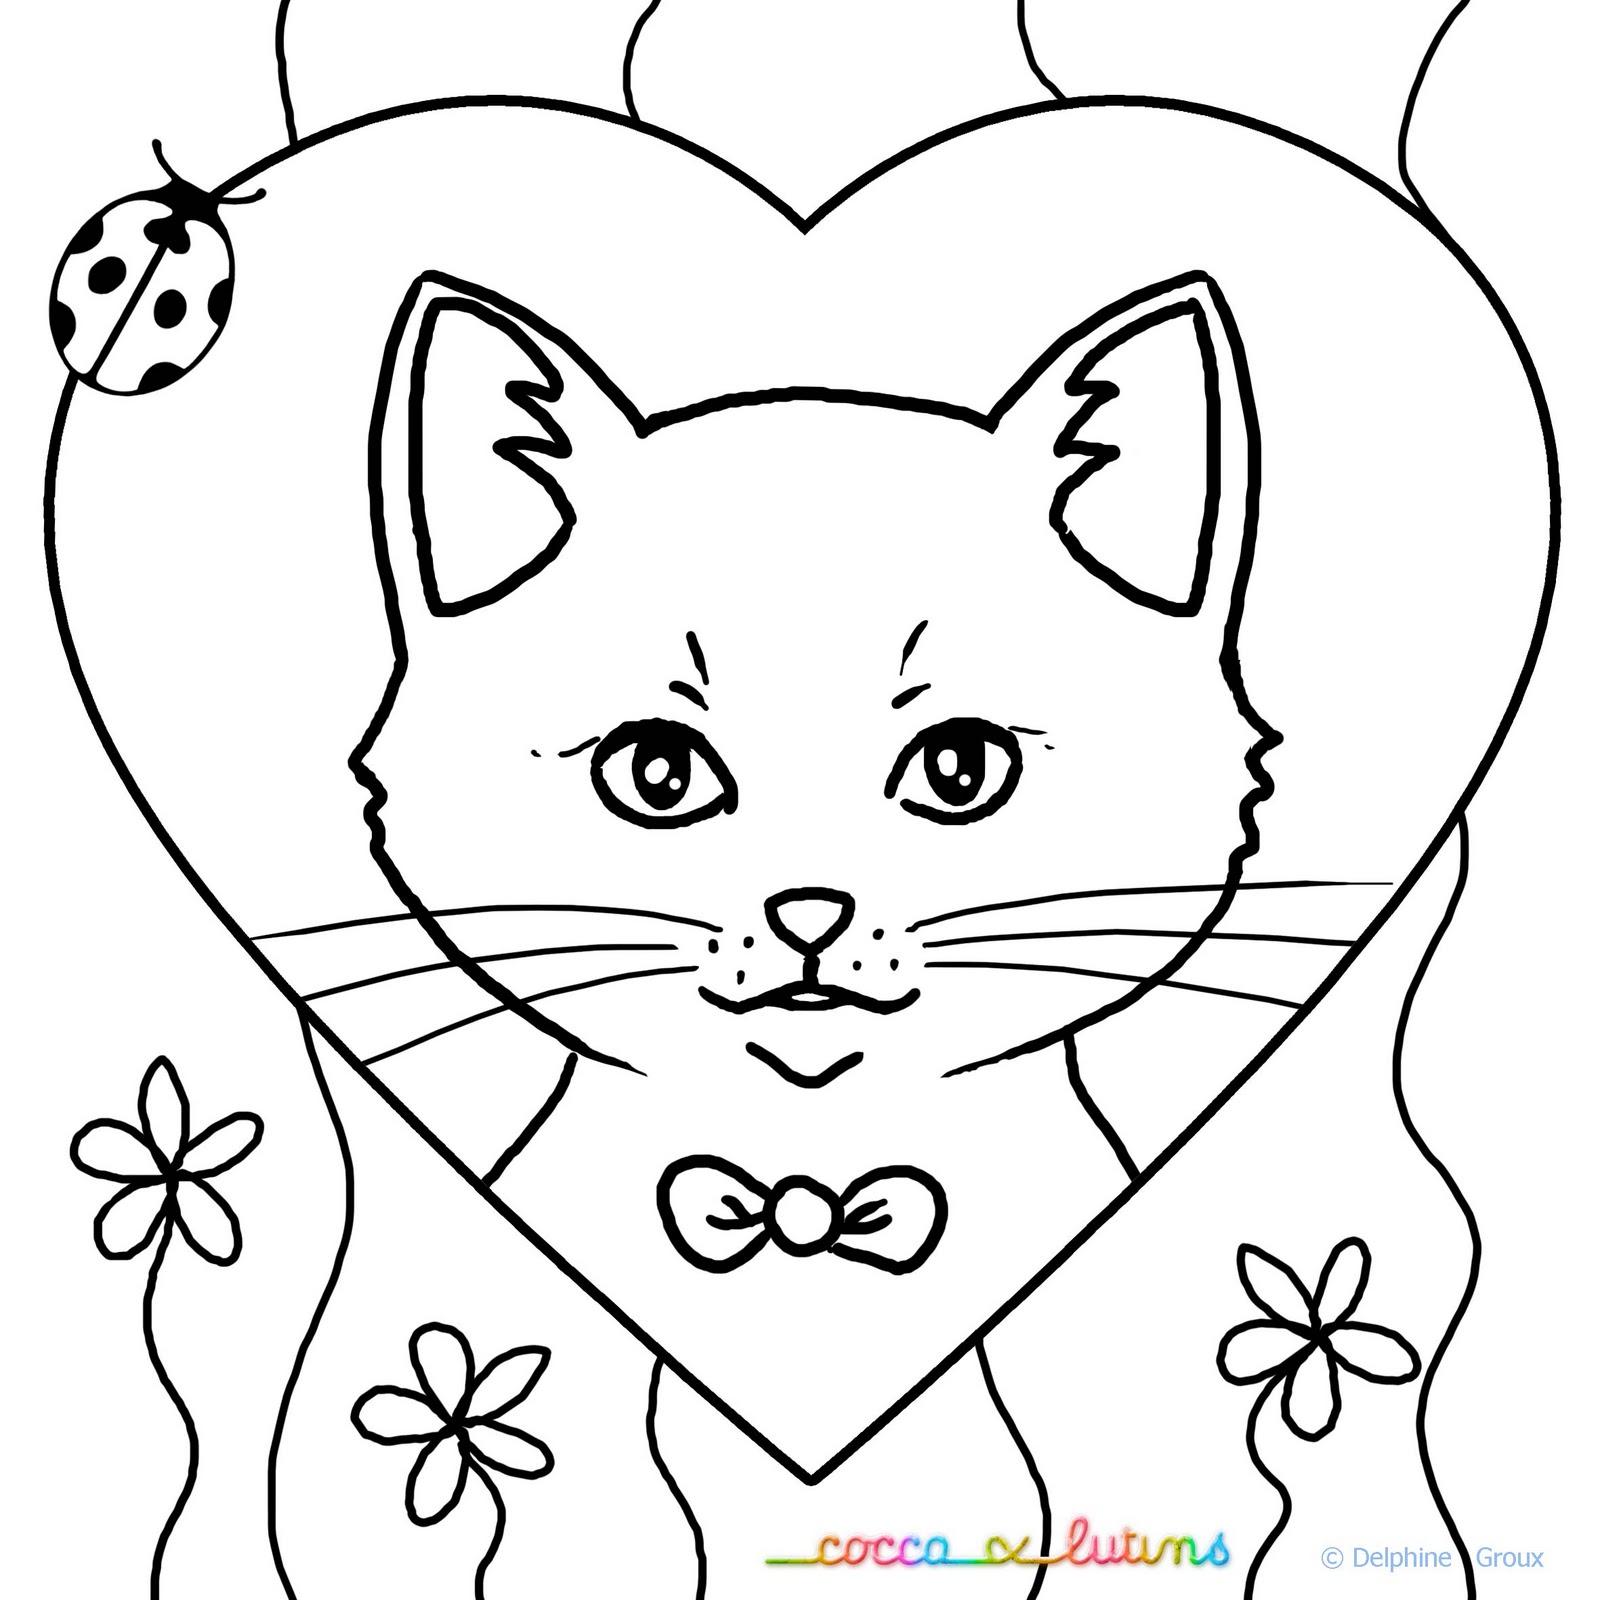 Coloriages à imprimer : Chat, numéro : 79646373